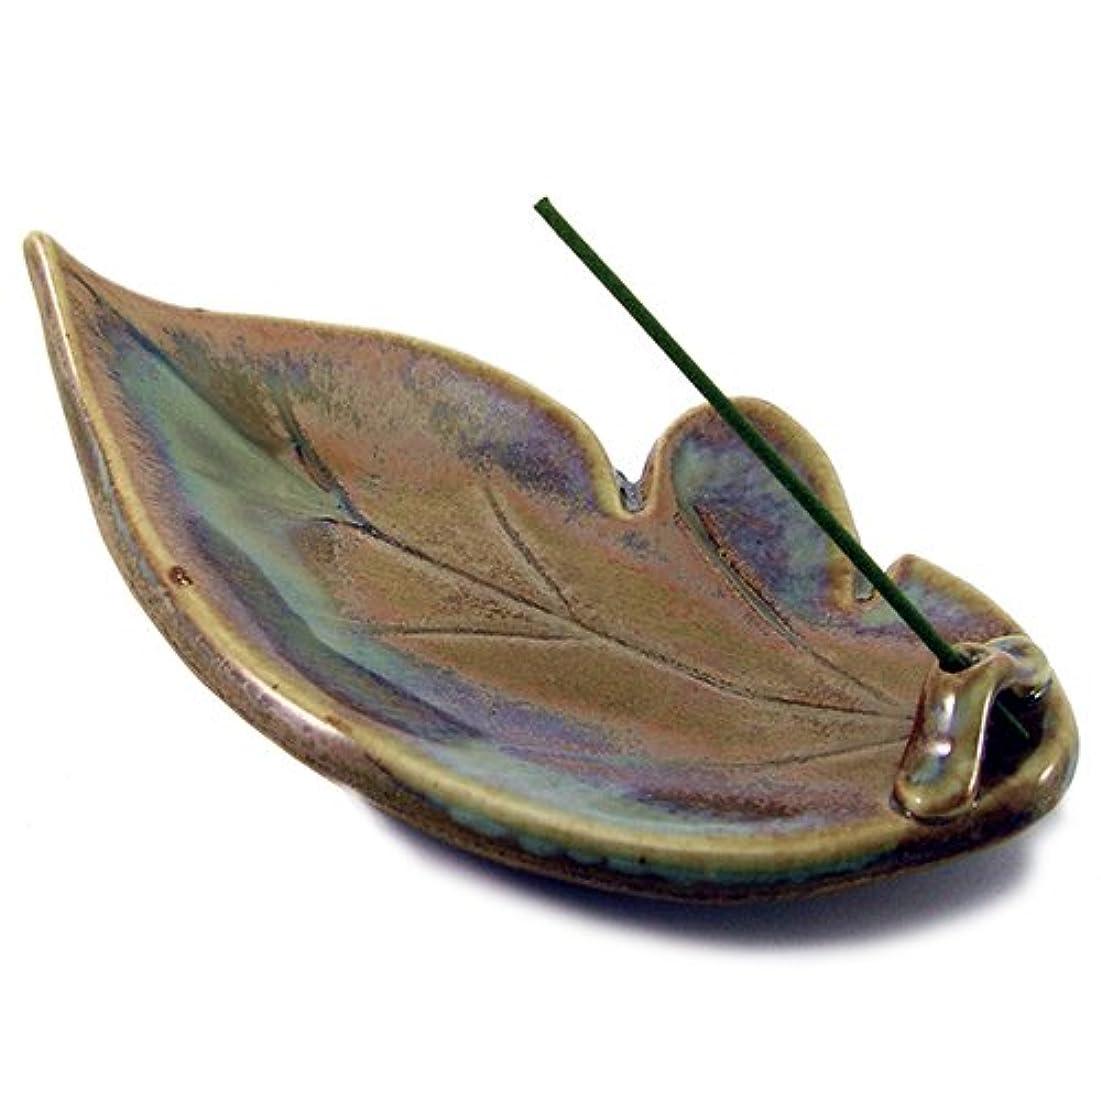 機動伸ばす虫を数えるShoyeido Shoyeidoのウッドランドセラミック葉Incense Holder